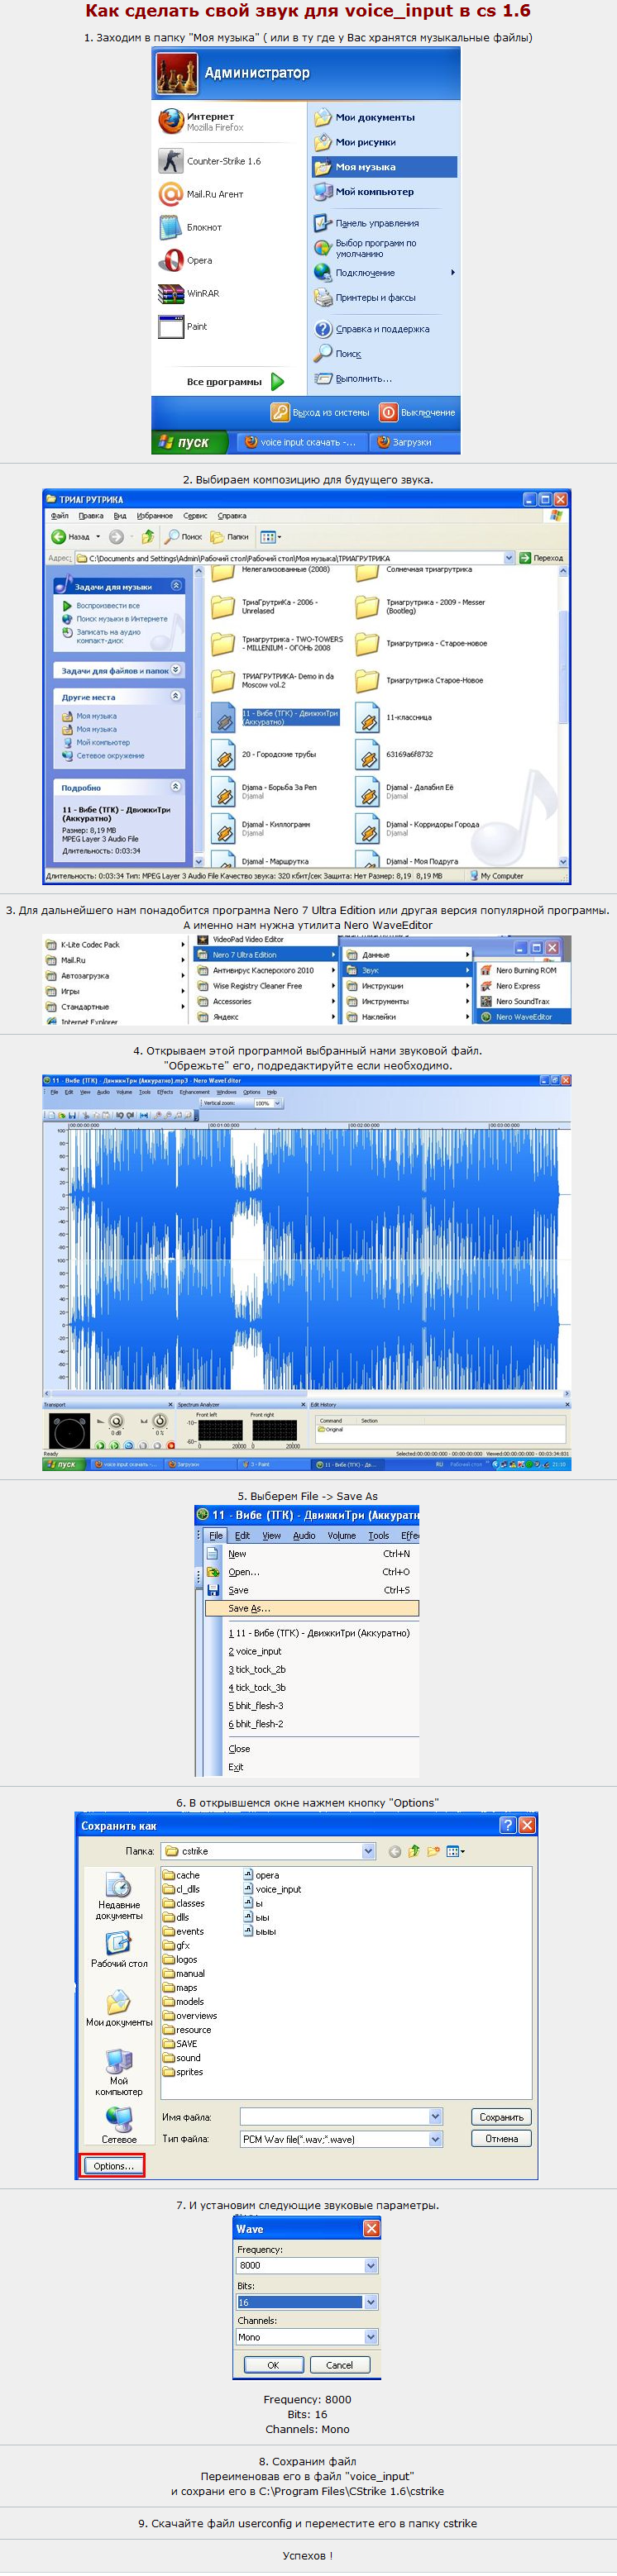 Как сделать звук на сайтах